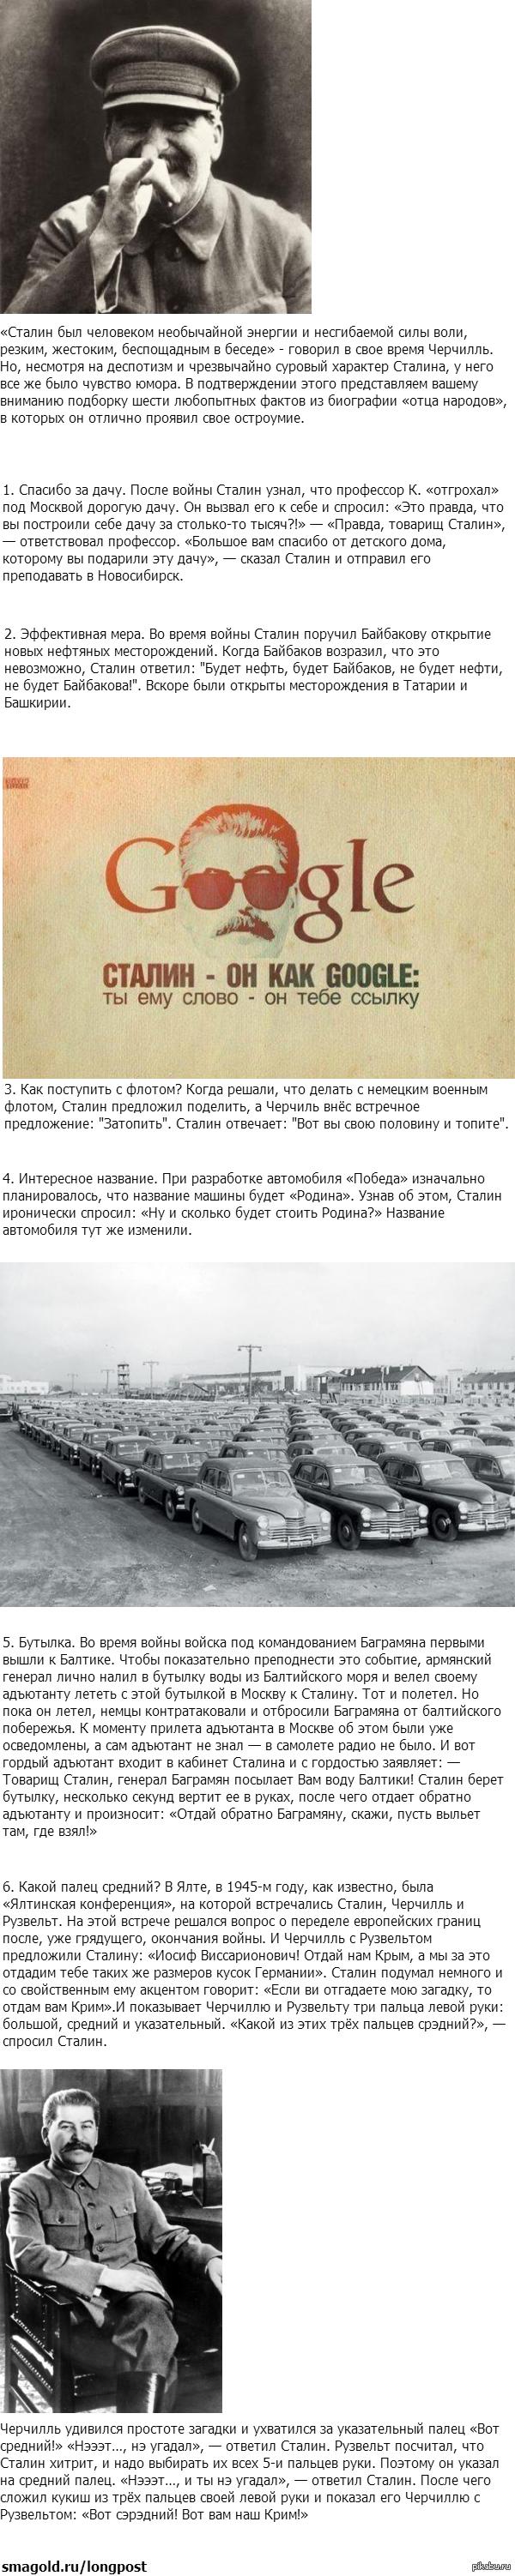 http://s2.pikabu.ru/post_img2/2014/01/21/6/1390290237_804193594.png